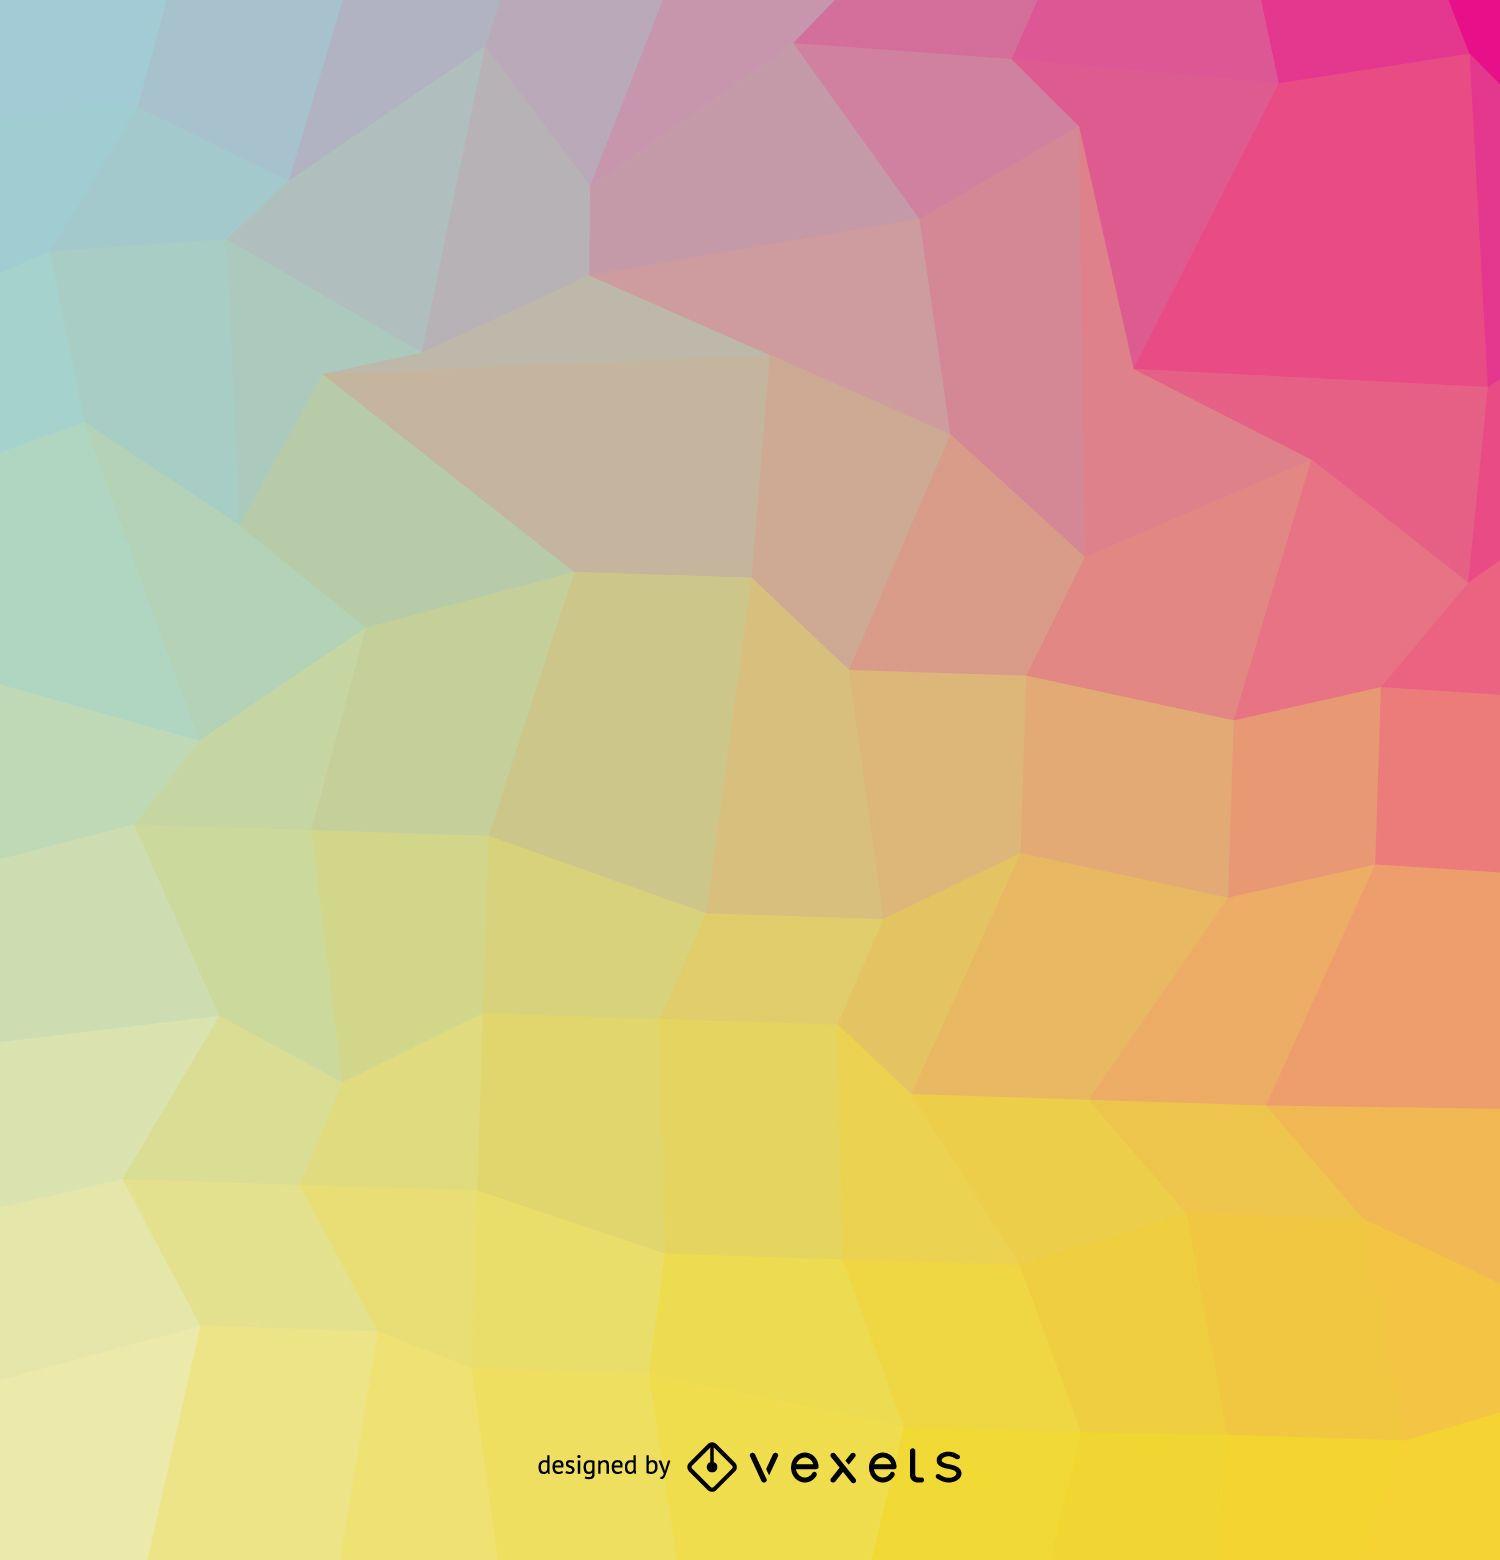 Cubierta geométrica de colores suaves